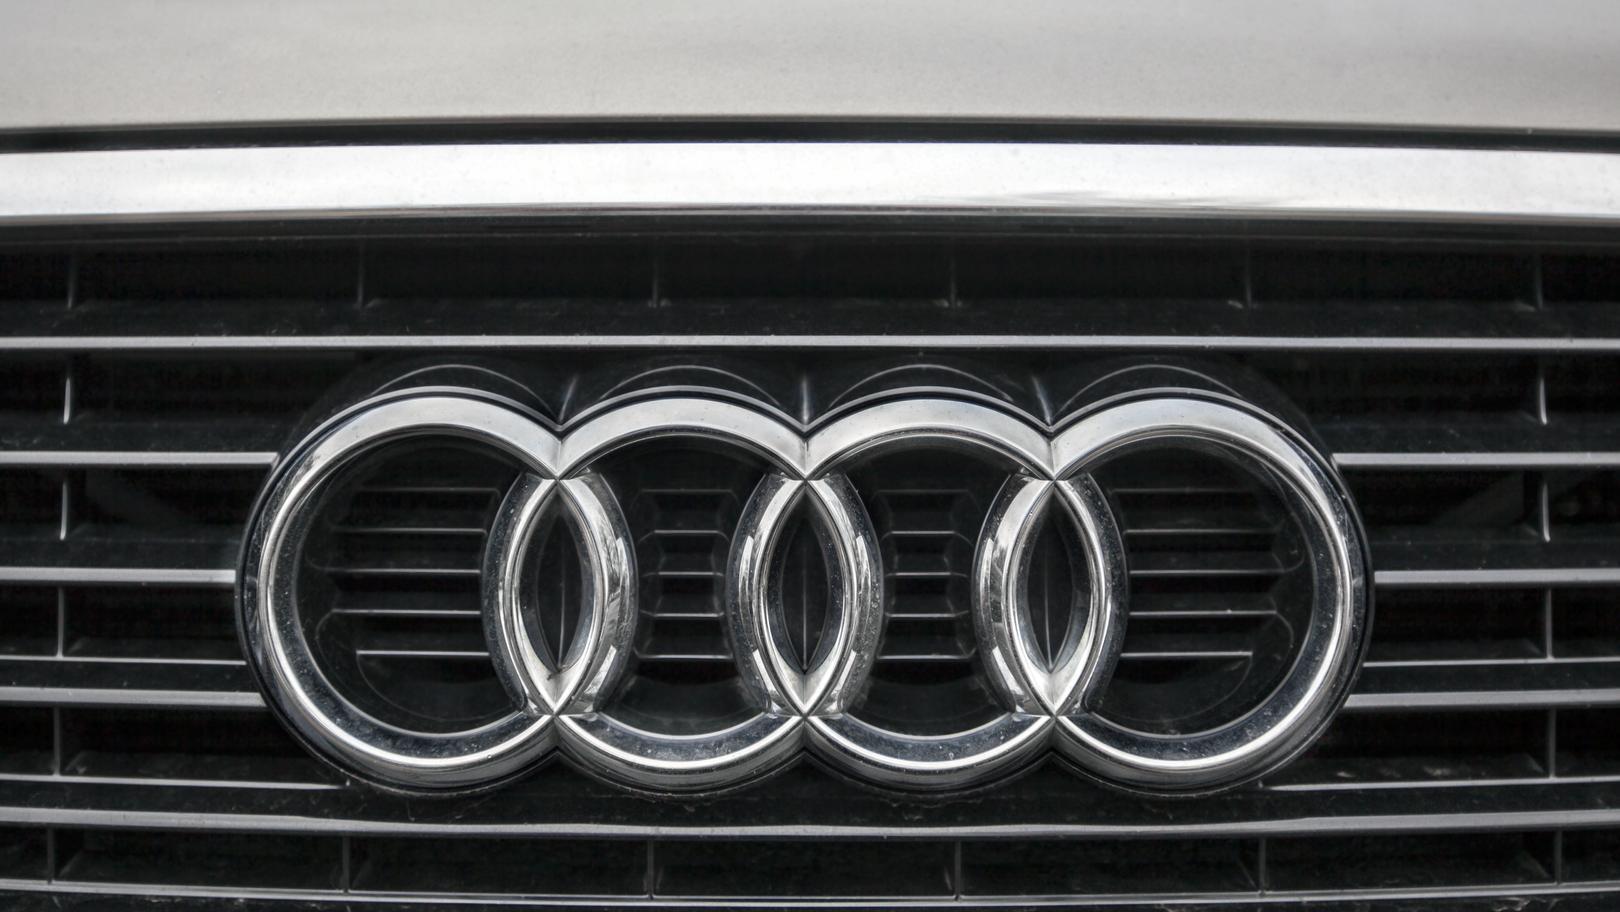 Das Audi-Logo auf einem Kühlergrill